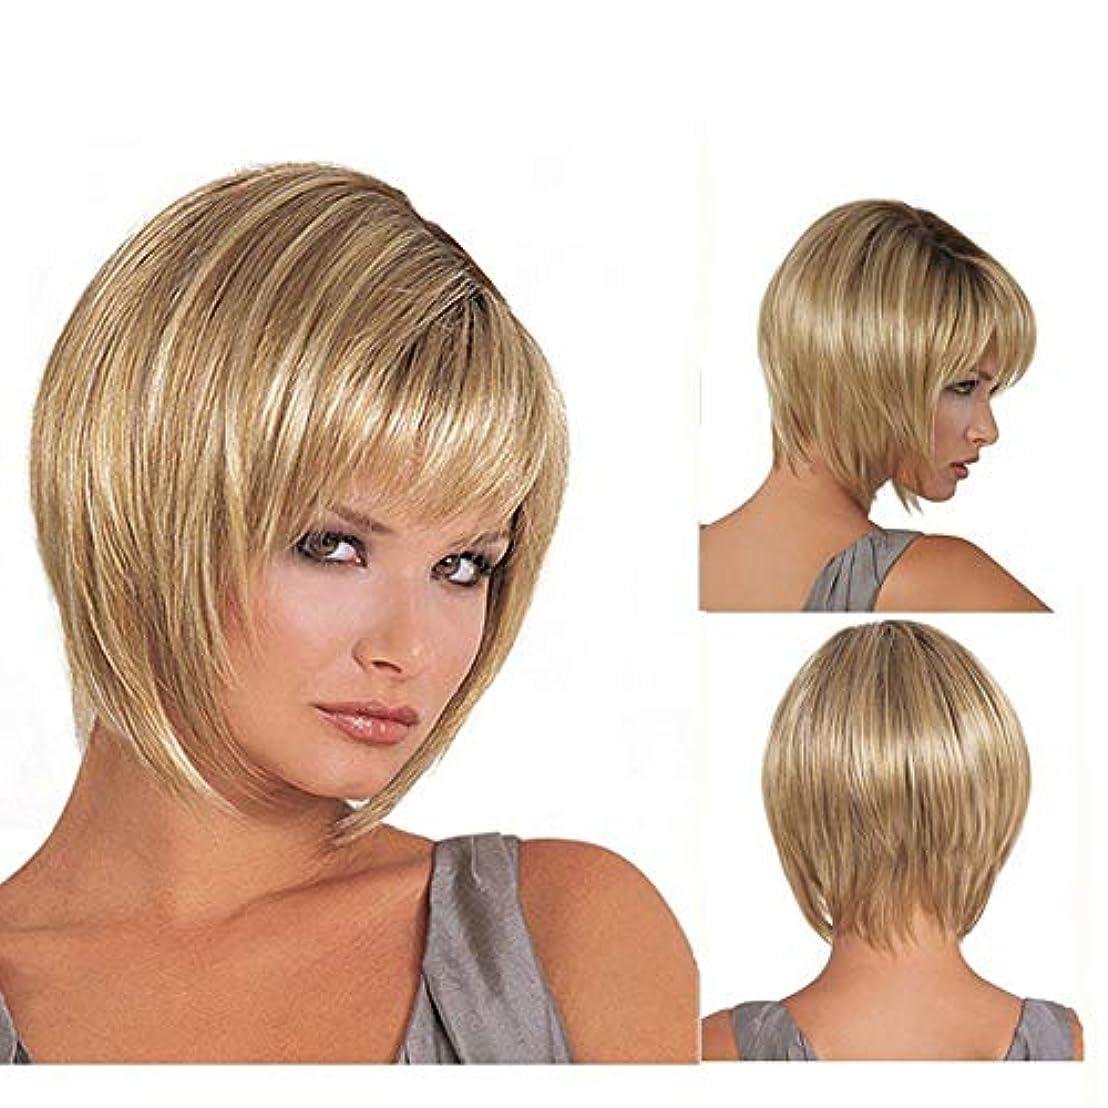 違法私のホイッスルWASAIO ブロンドの髪型ショートストレートヘアふわふわウィッグ (色 : Blonde)